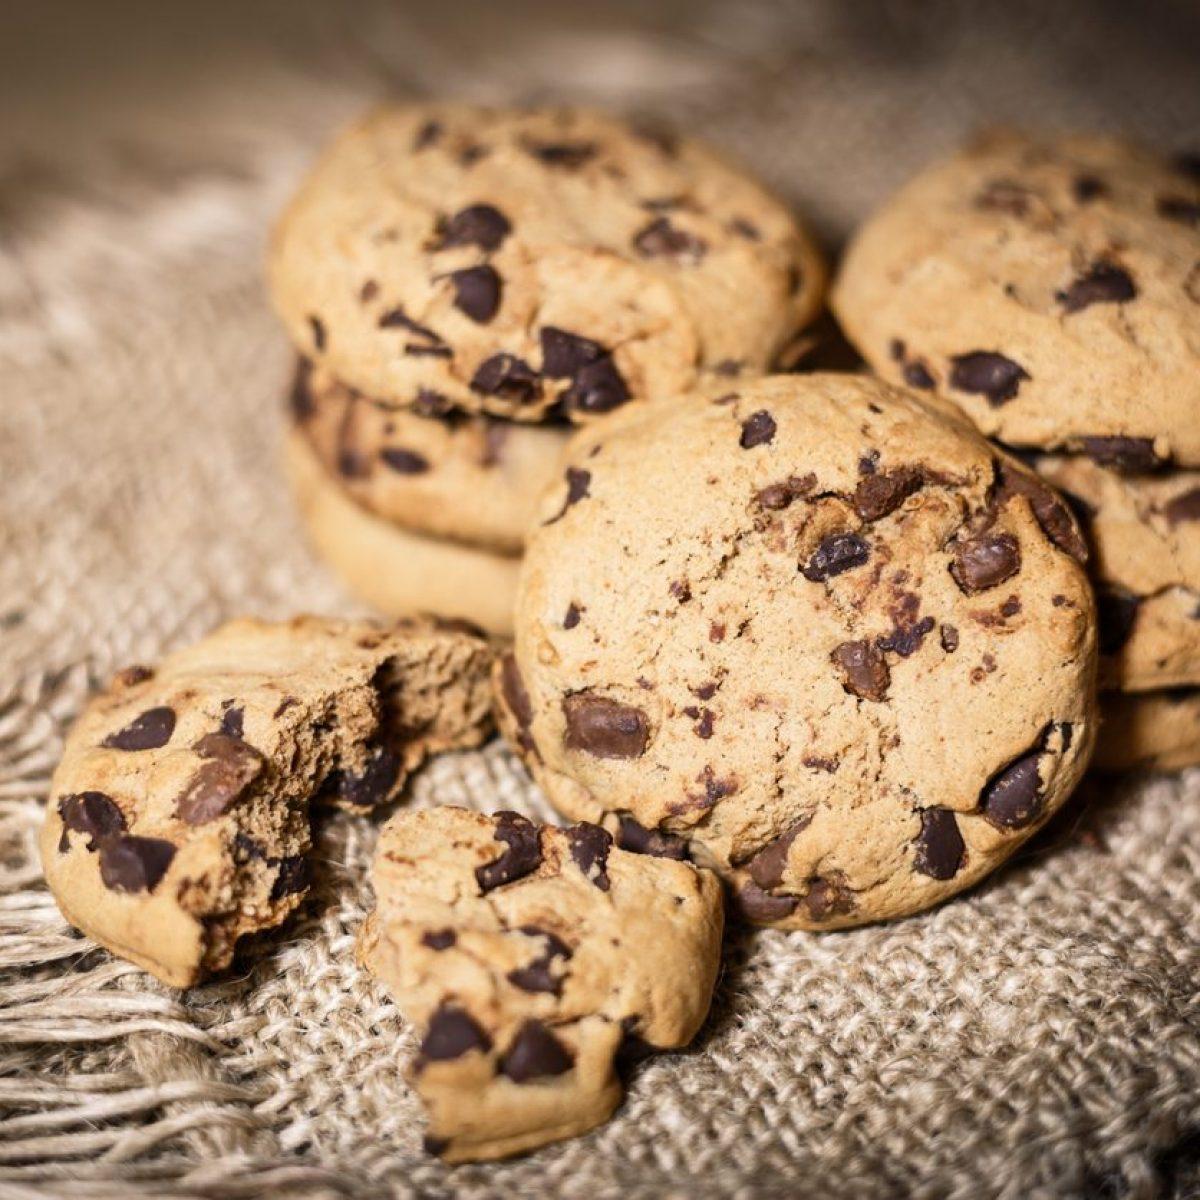 Ricetta Cookies Con Poco Burro.Cookies Vegani La Ricetta Dei Biscotti Senza Burro E Senza Uova Con Gocce Di Cioccolato